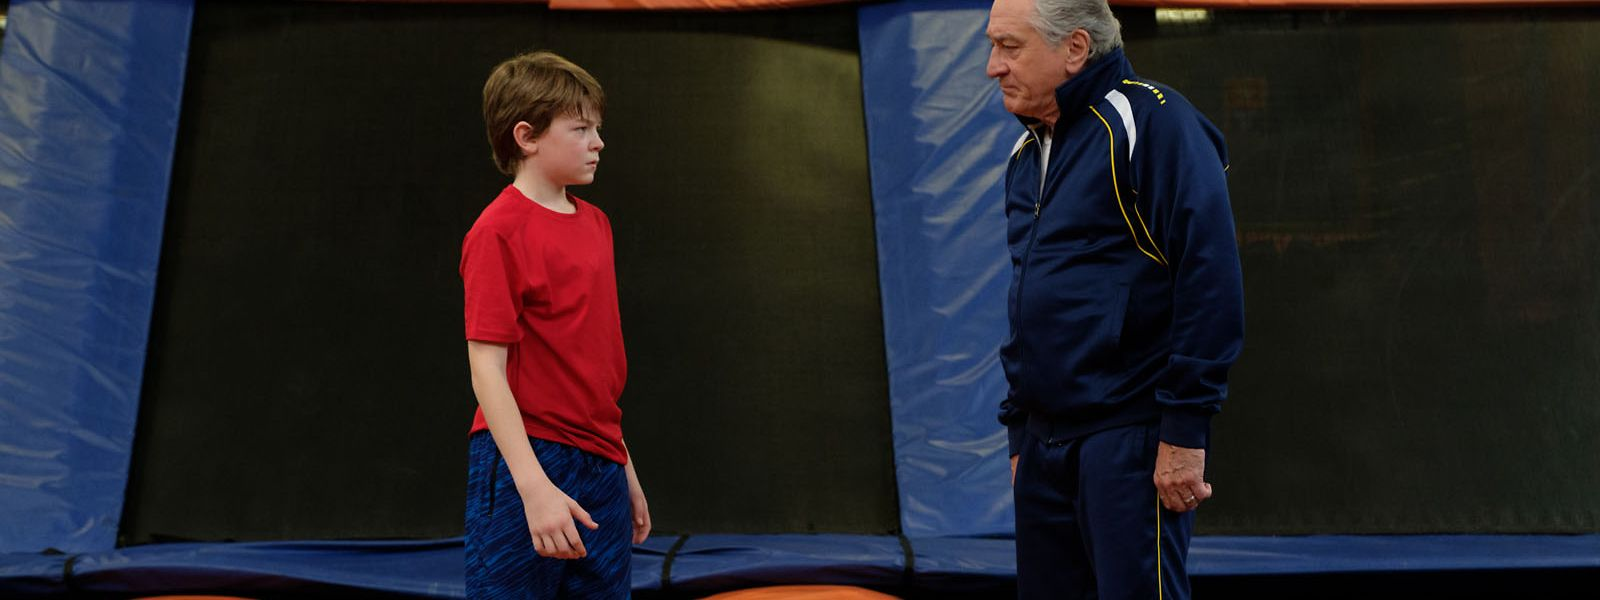 Sportlich geht es beim Völkerballduell der Generationen auf dem Trampolinschlachtfeld zwischen Peter (Oakes Fegley) und Opa Ed (Robert De Niro) nicht zu – sehr zur Freude des Zuschauers.